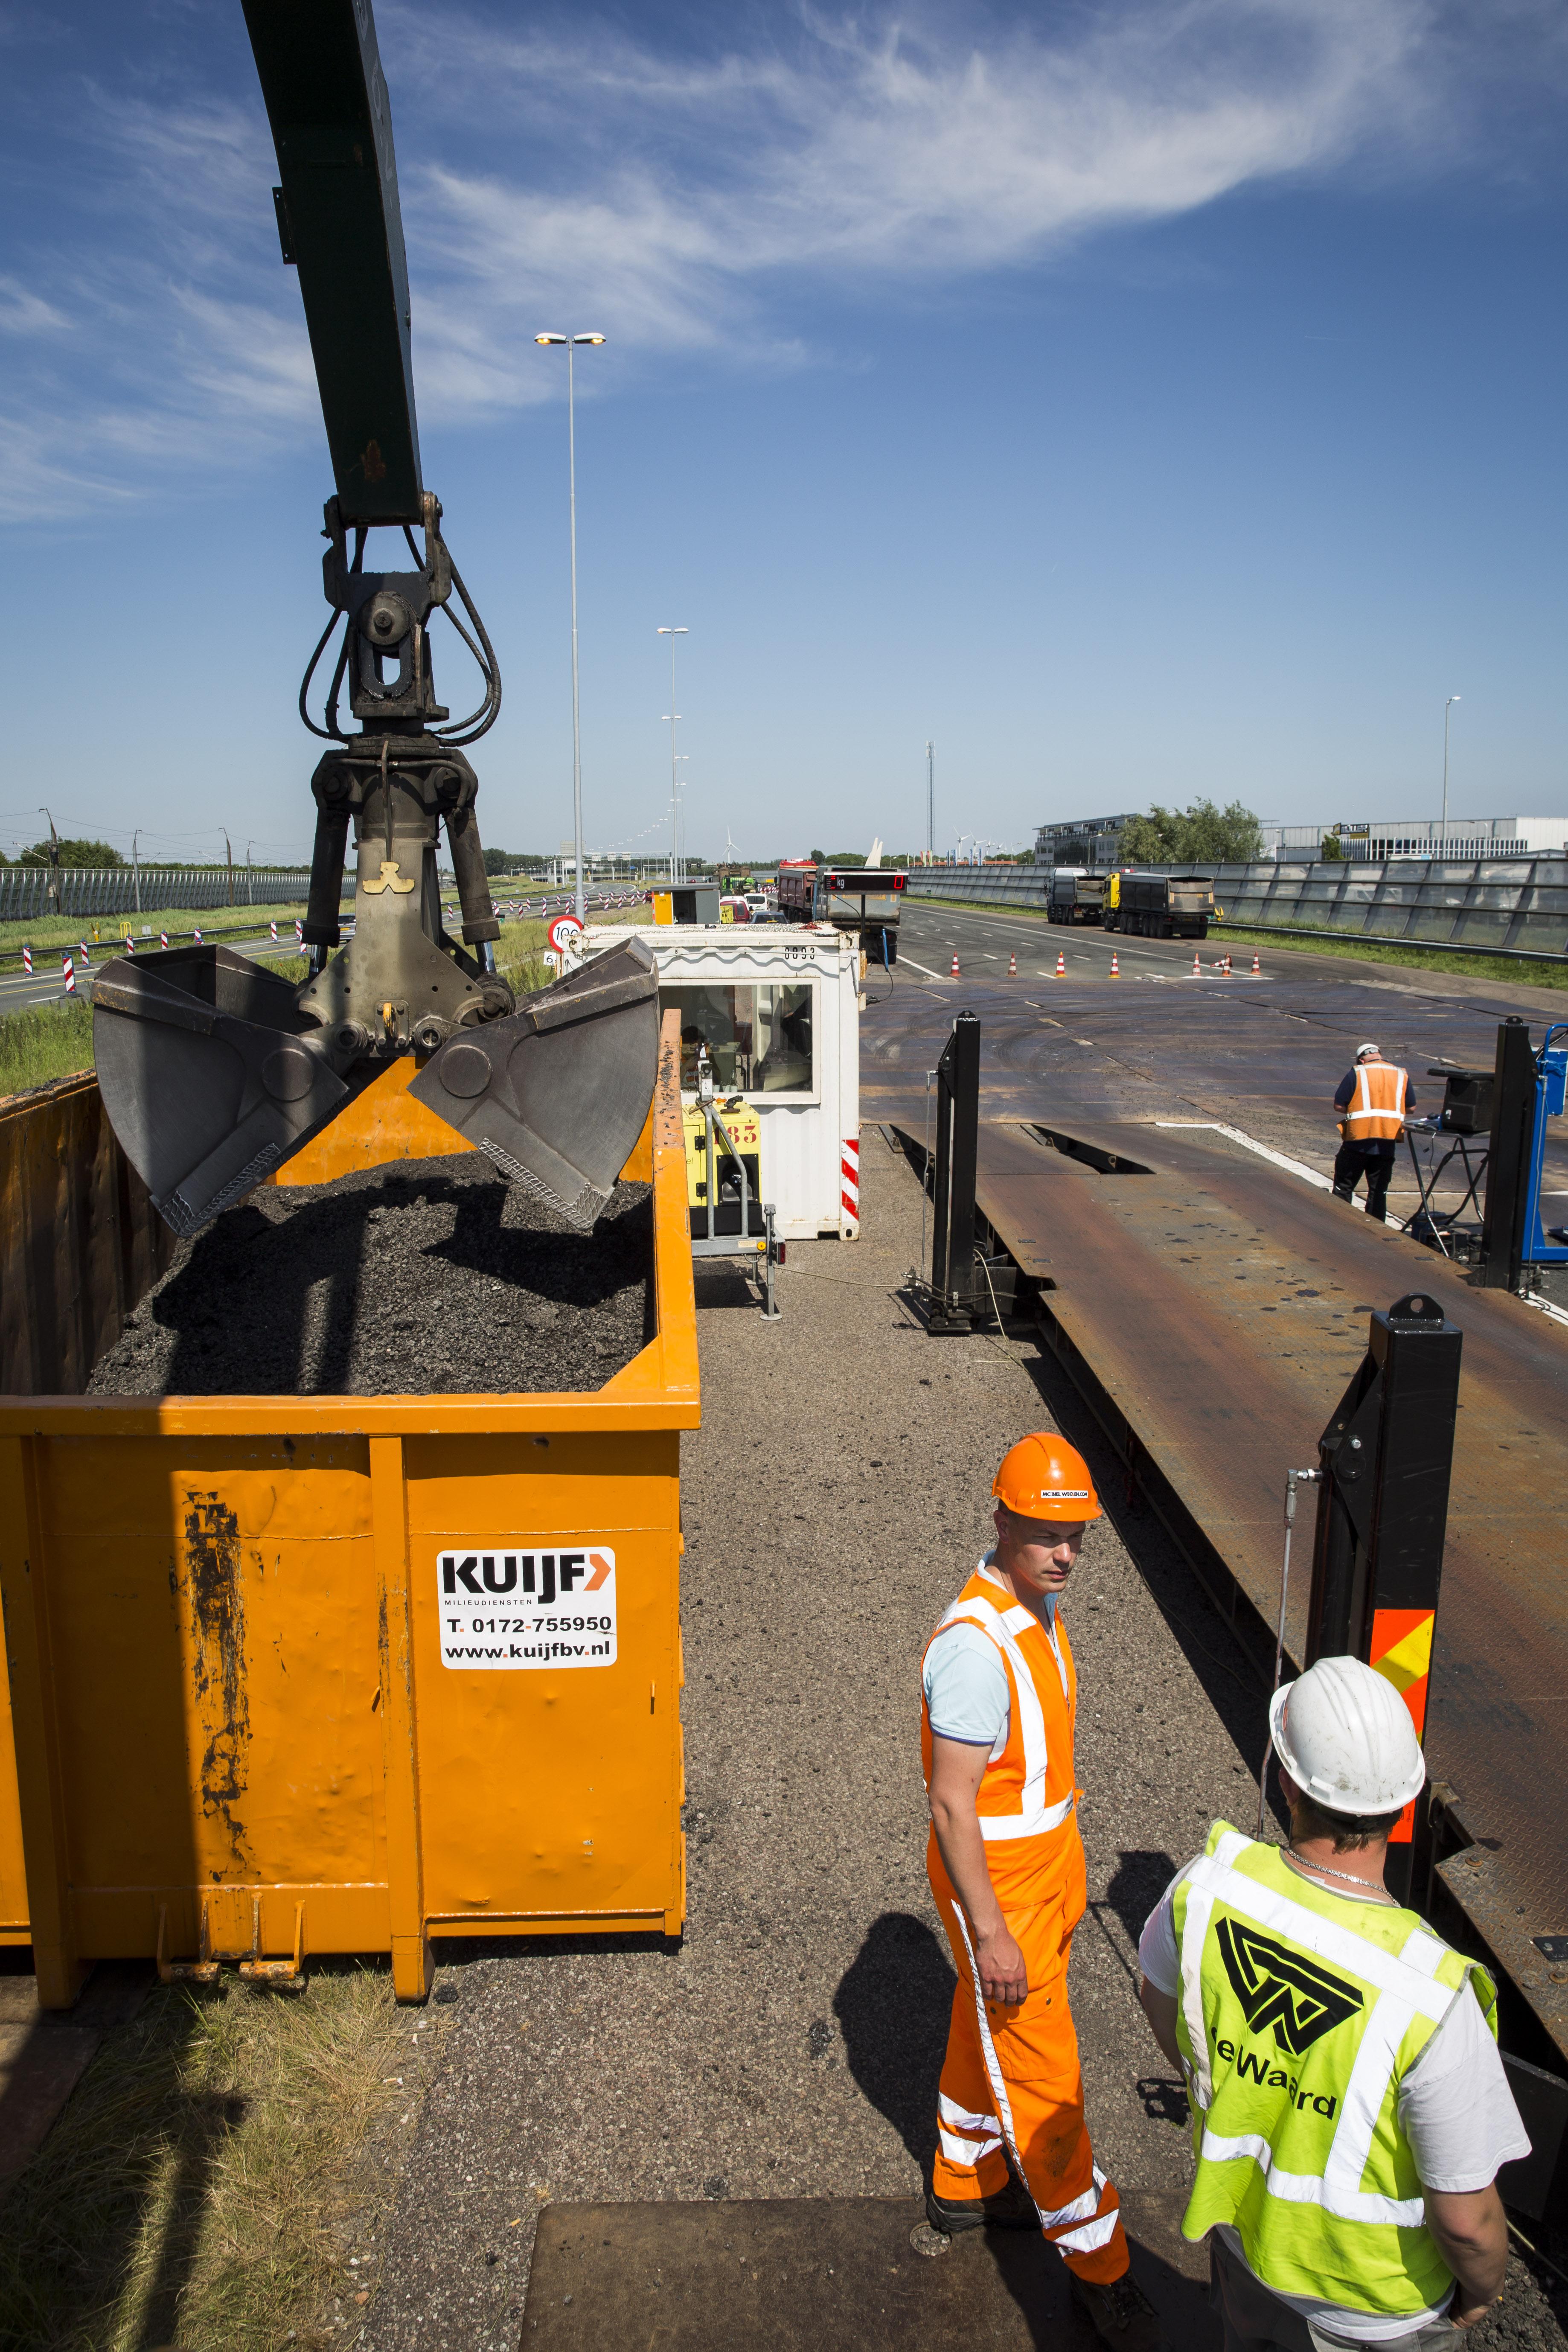 <p>Direct naast de weegbrug staat een container met gefreesd asfalt en een overslagkraan. De kraan haalt materiaal uit de vrachtwagen of laadt bij. Aan de voorzijde van de weegbrug staat een kleine container met daarin de computer.</p>